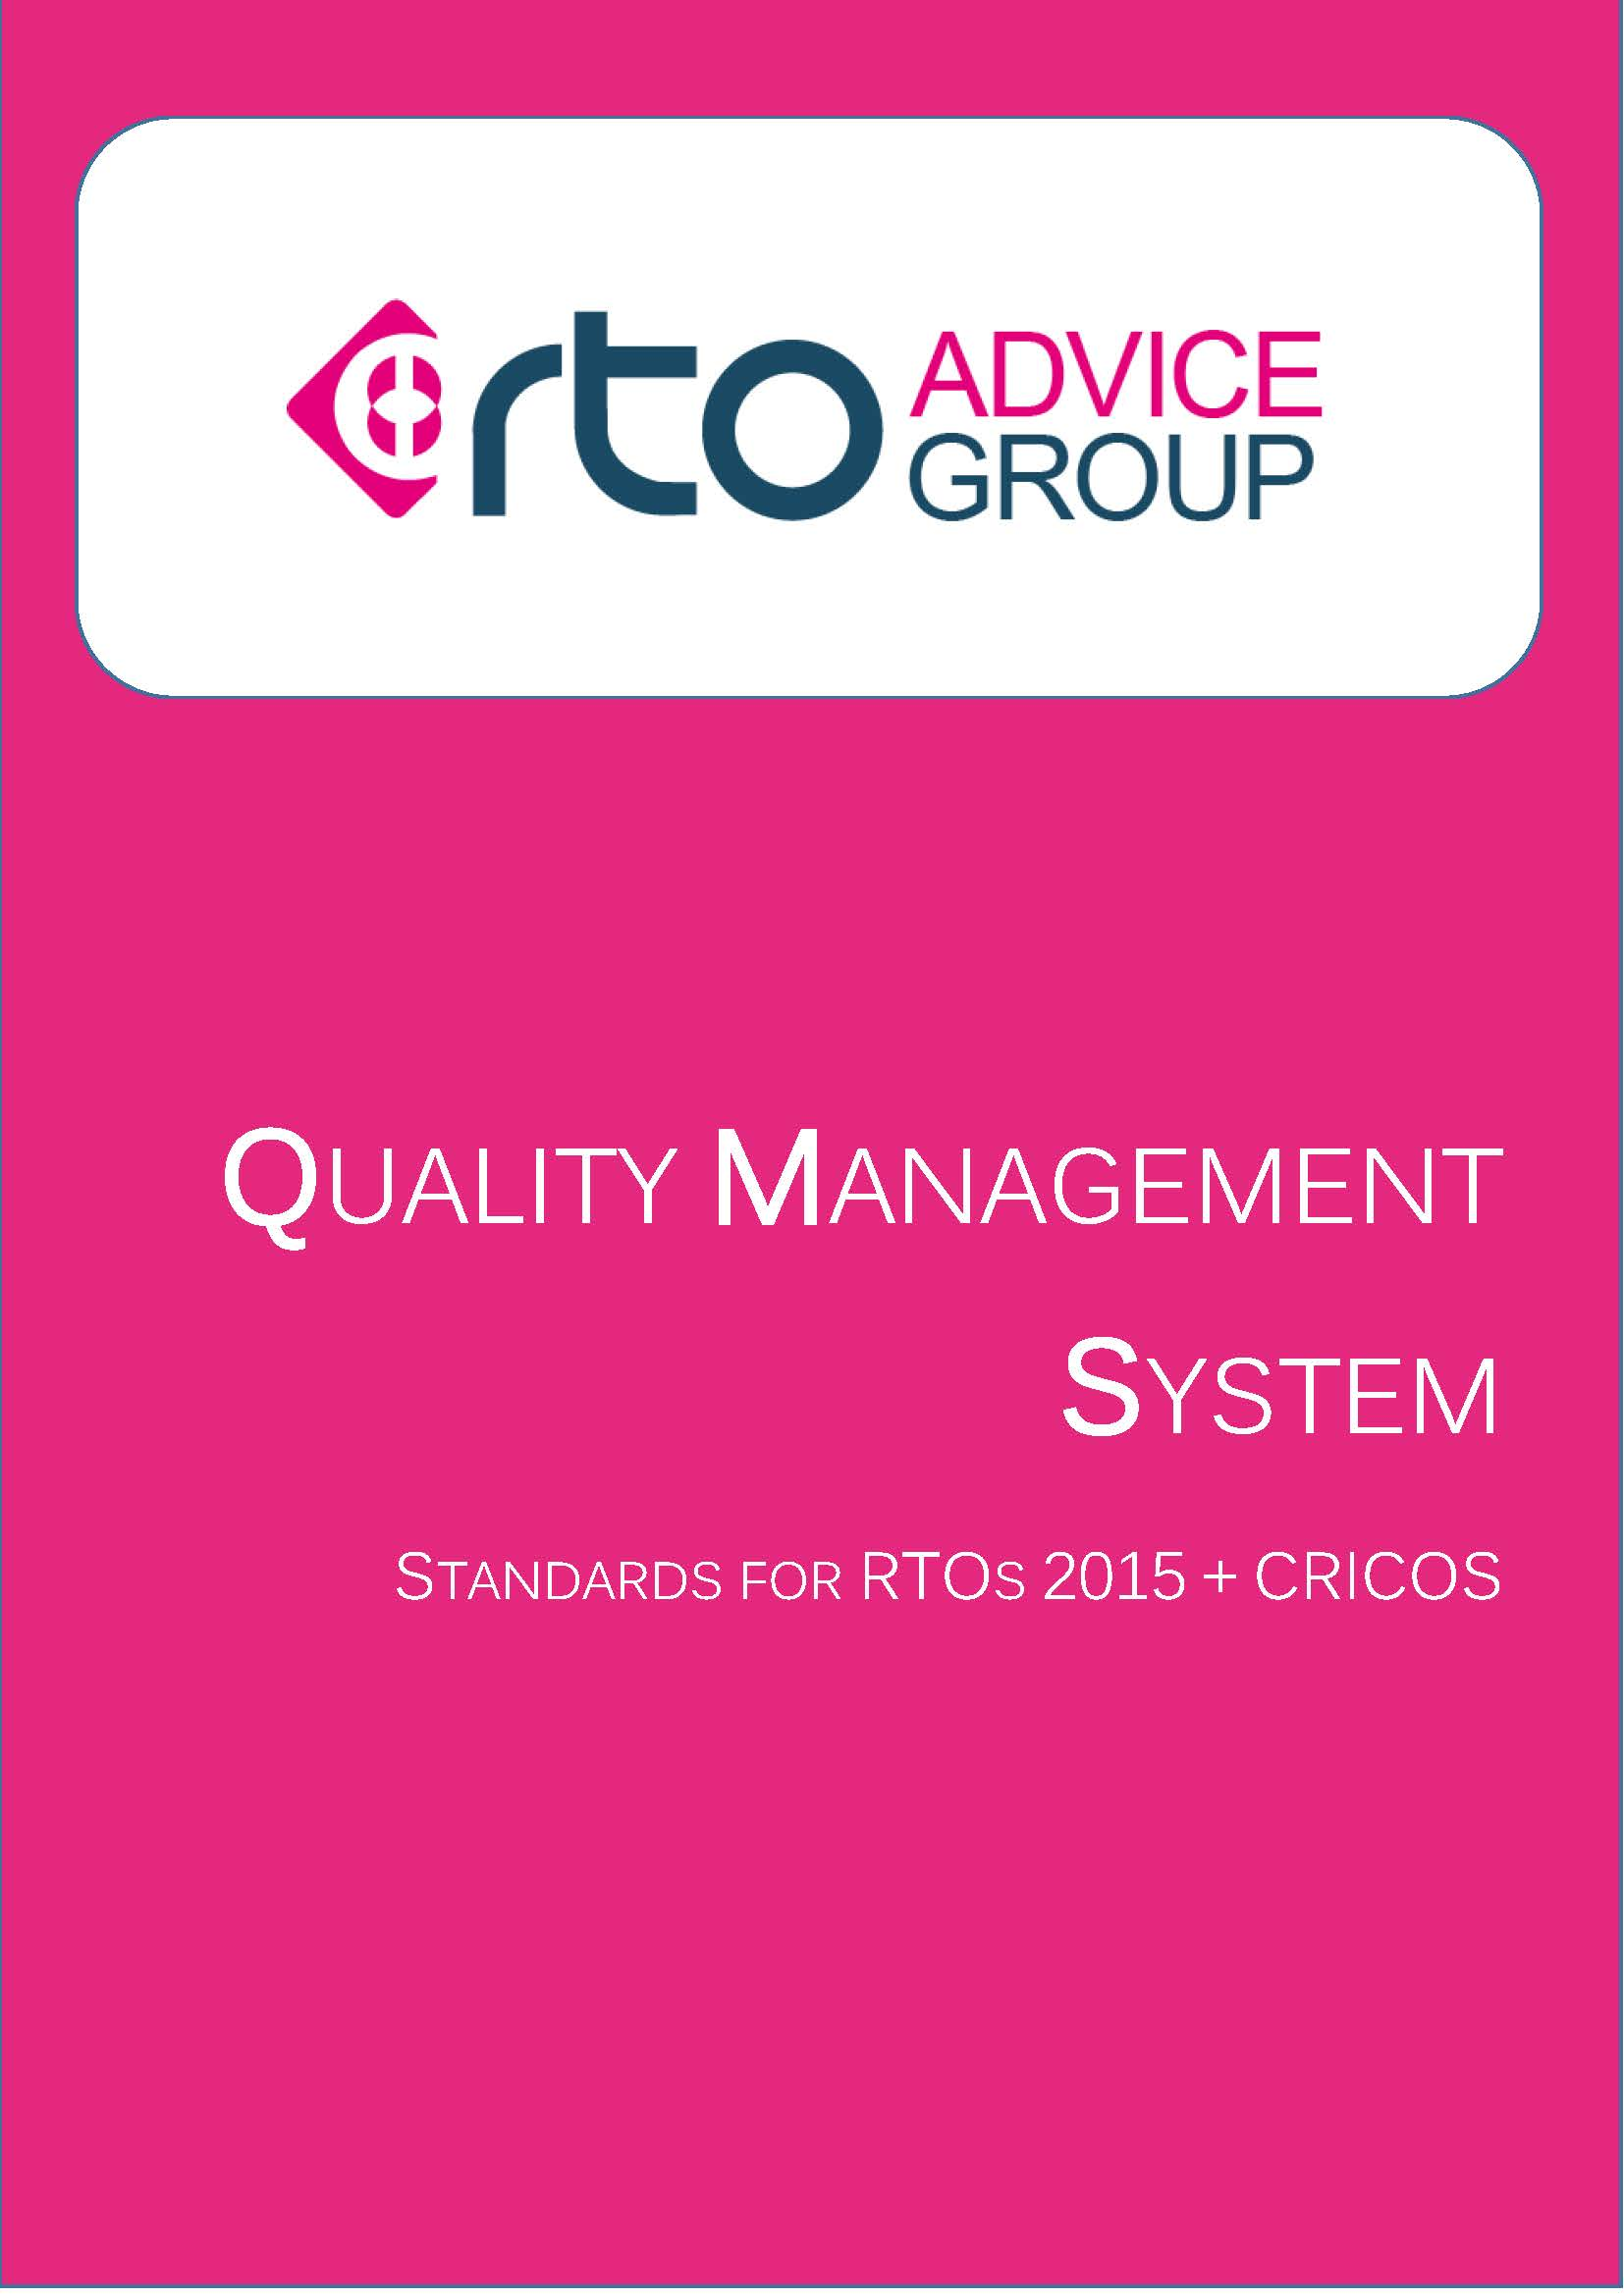 Quality Management System – Standards for RTOs 2015 + CRICOS 2018